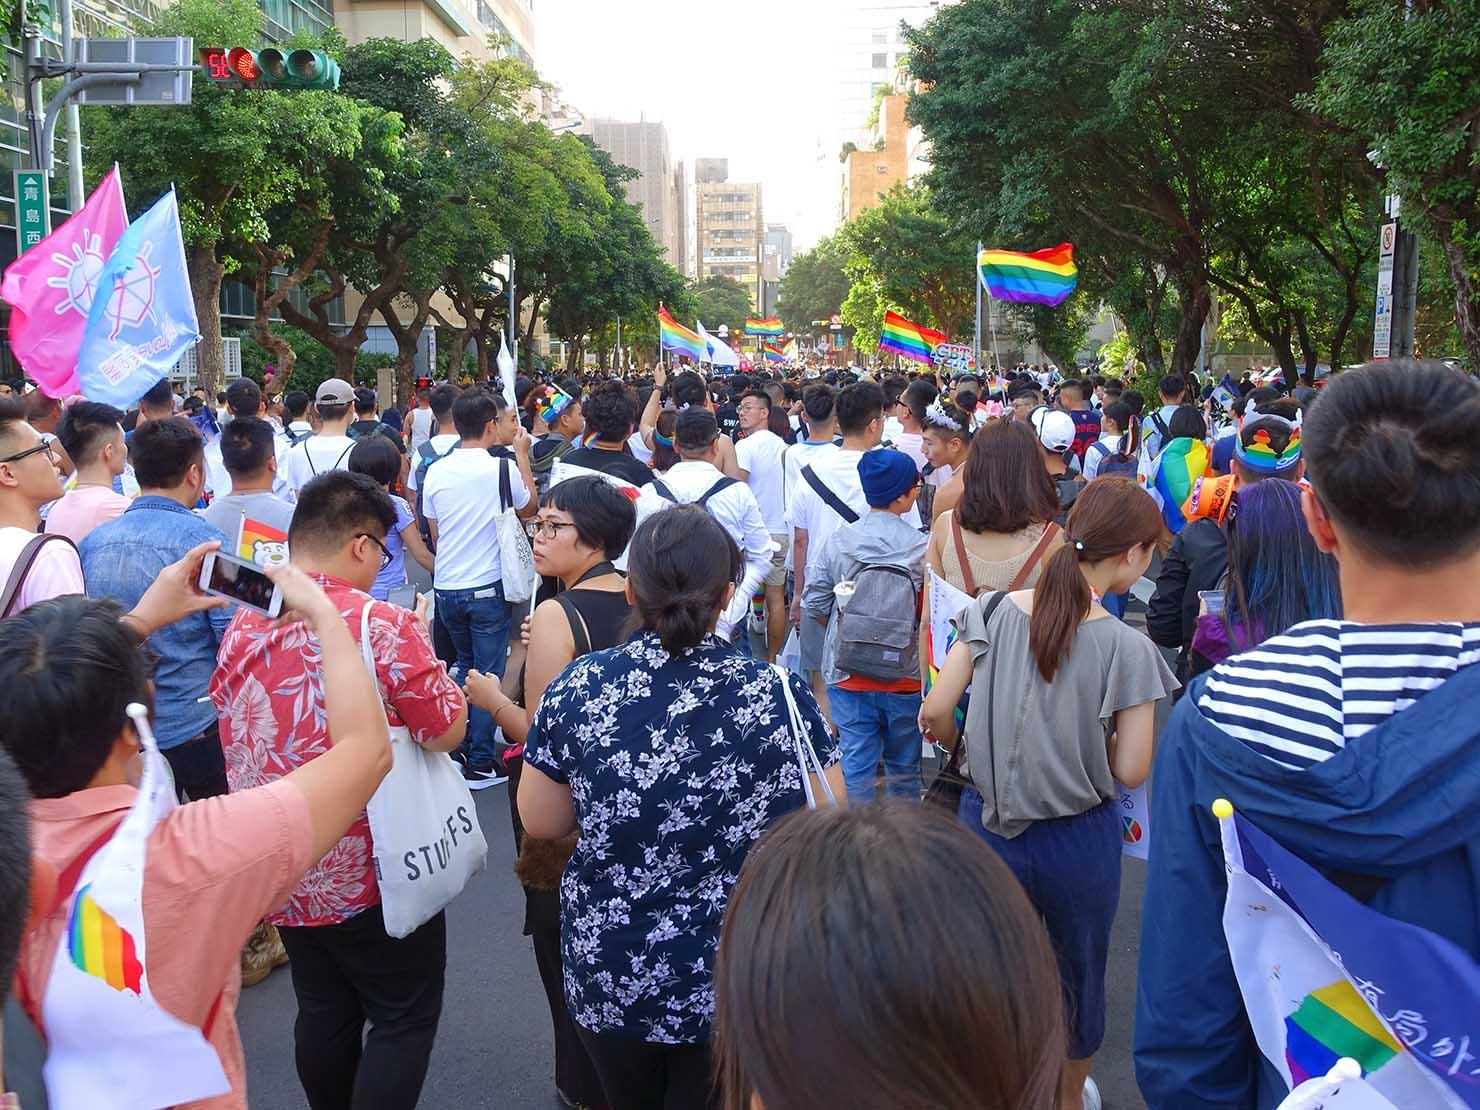 台灣同志遊行(台湾LGBTプライド)2018パレードを歩く参加者たち